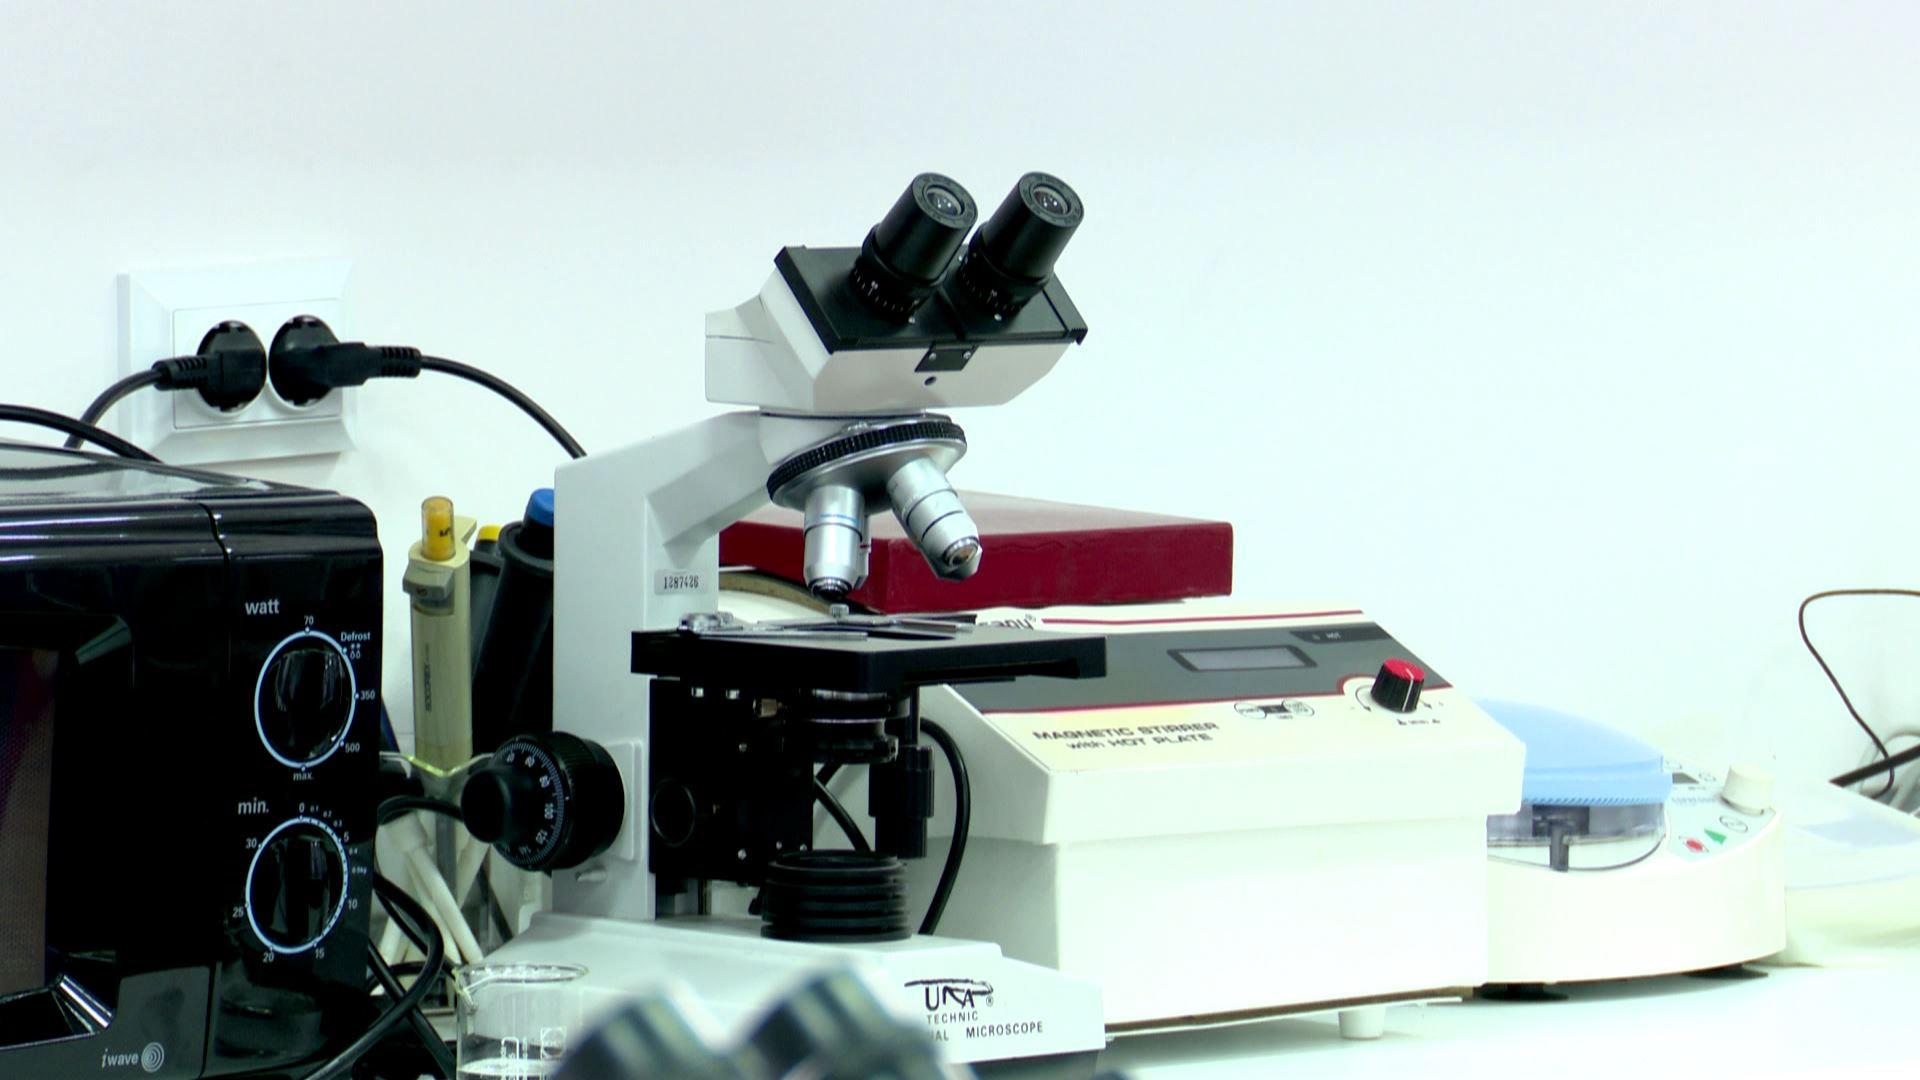 ბათუმის უნივერსიტეტი 10 სამეცნიერო კვლევას აფინანსებს